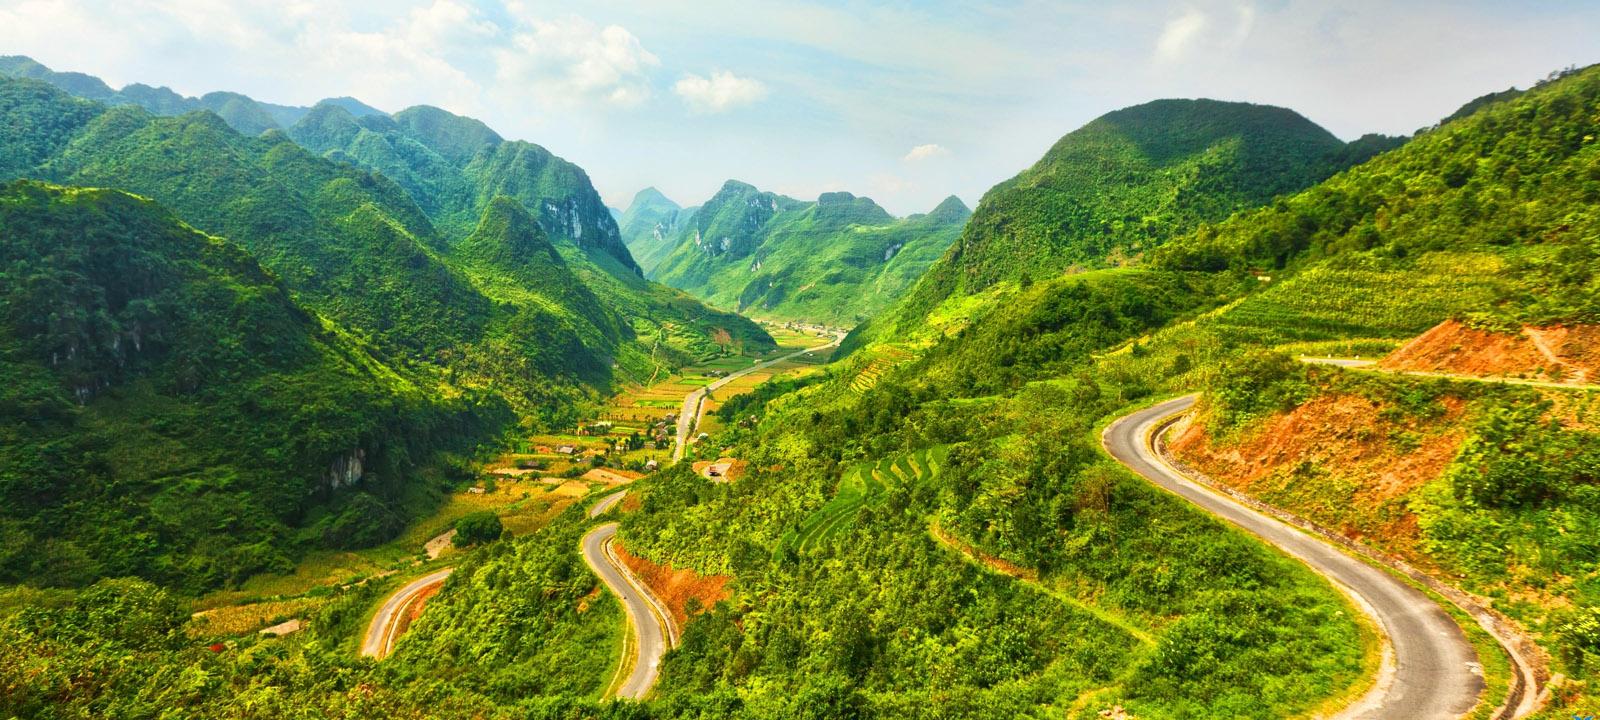 Quand partir à Ha Giang ?